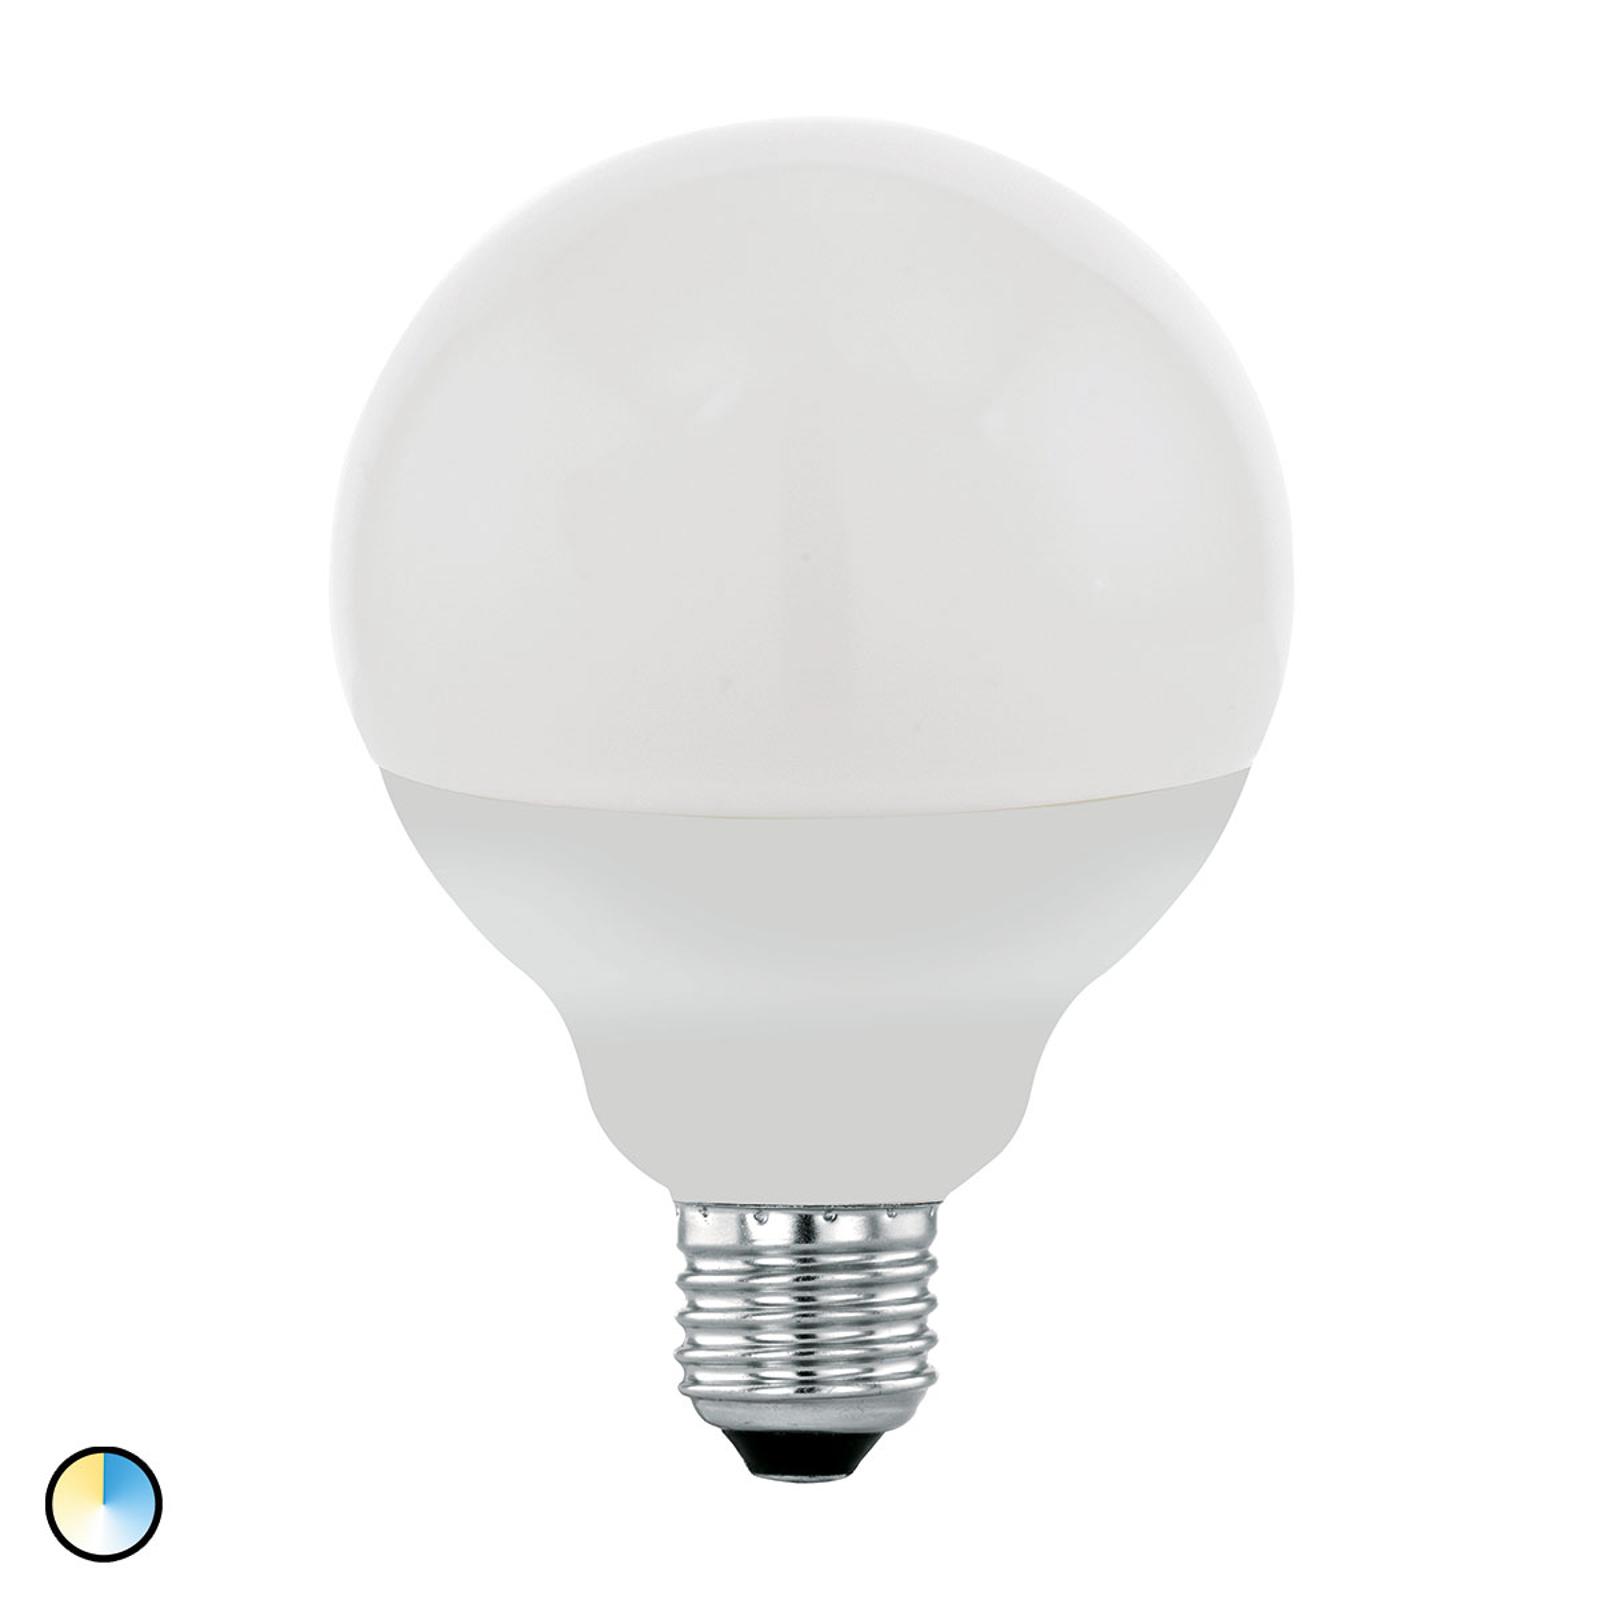 EGLO connect LED Globelampe E27 13W 2.700-6.500K